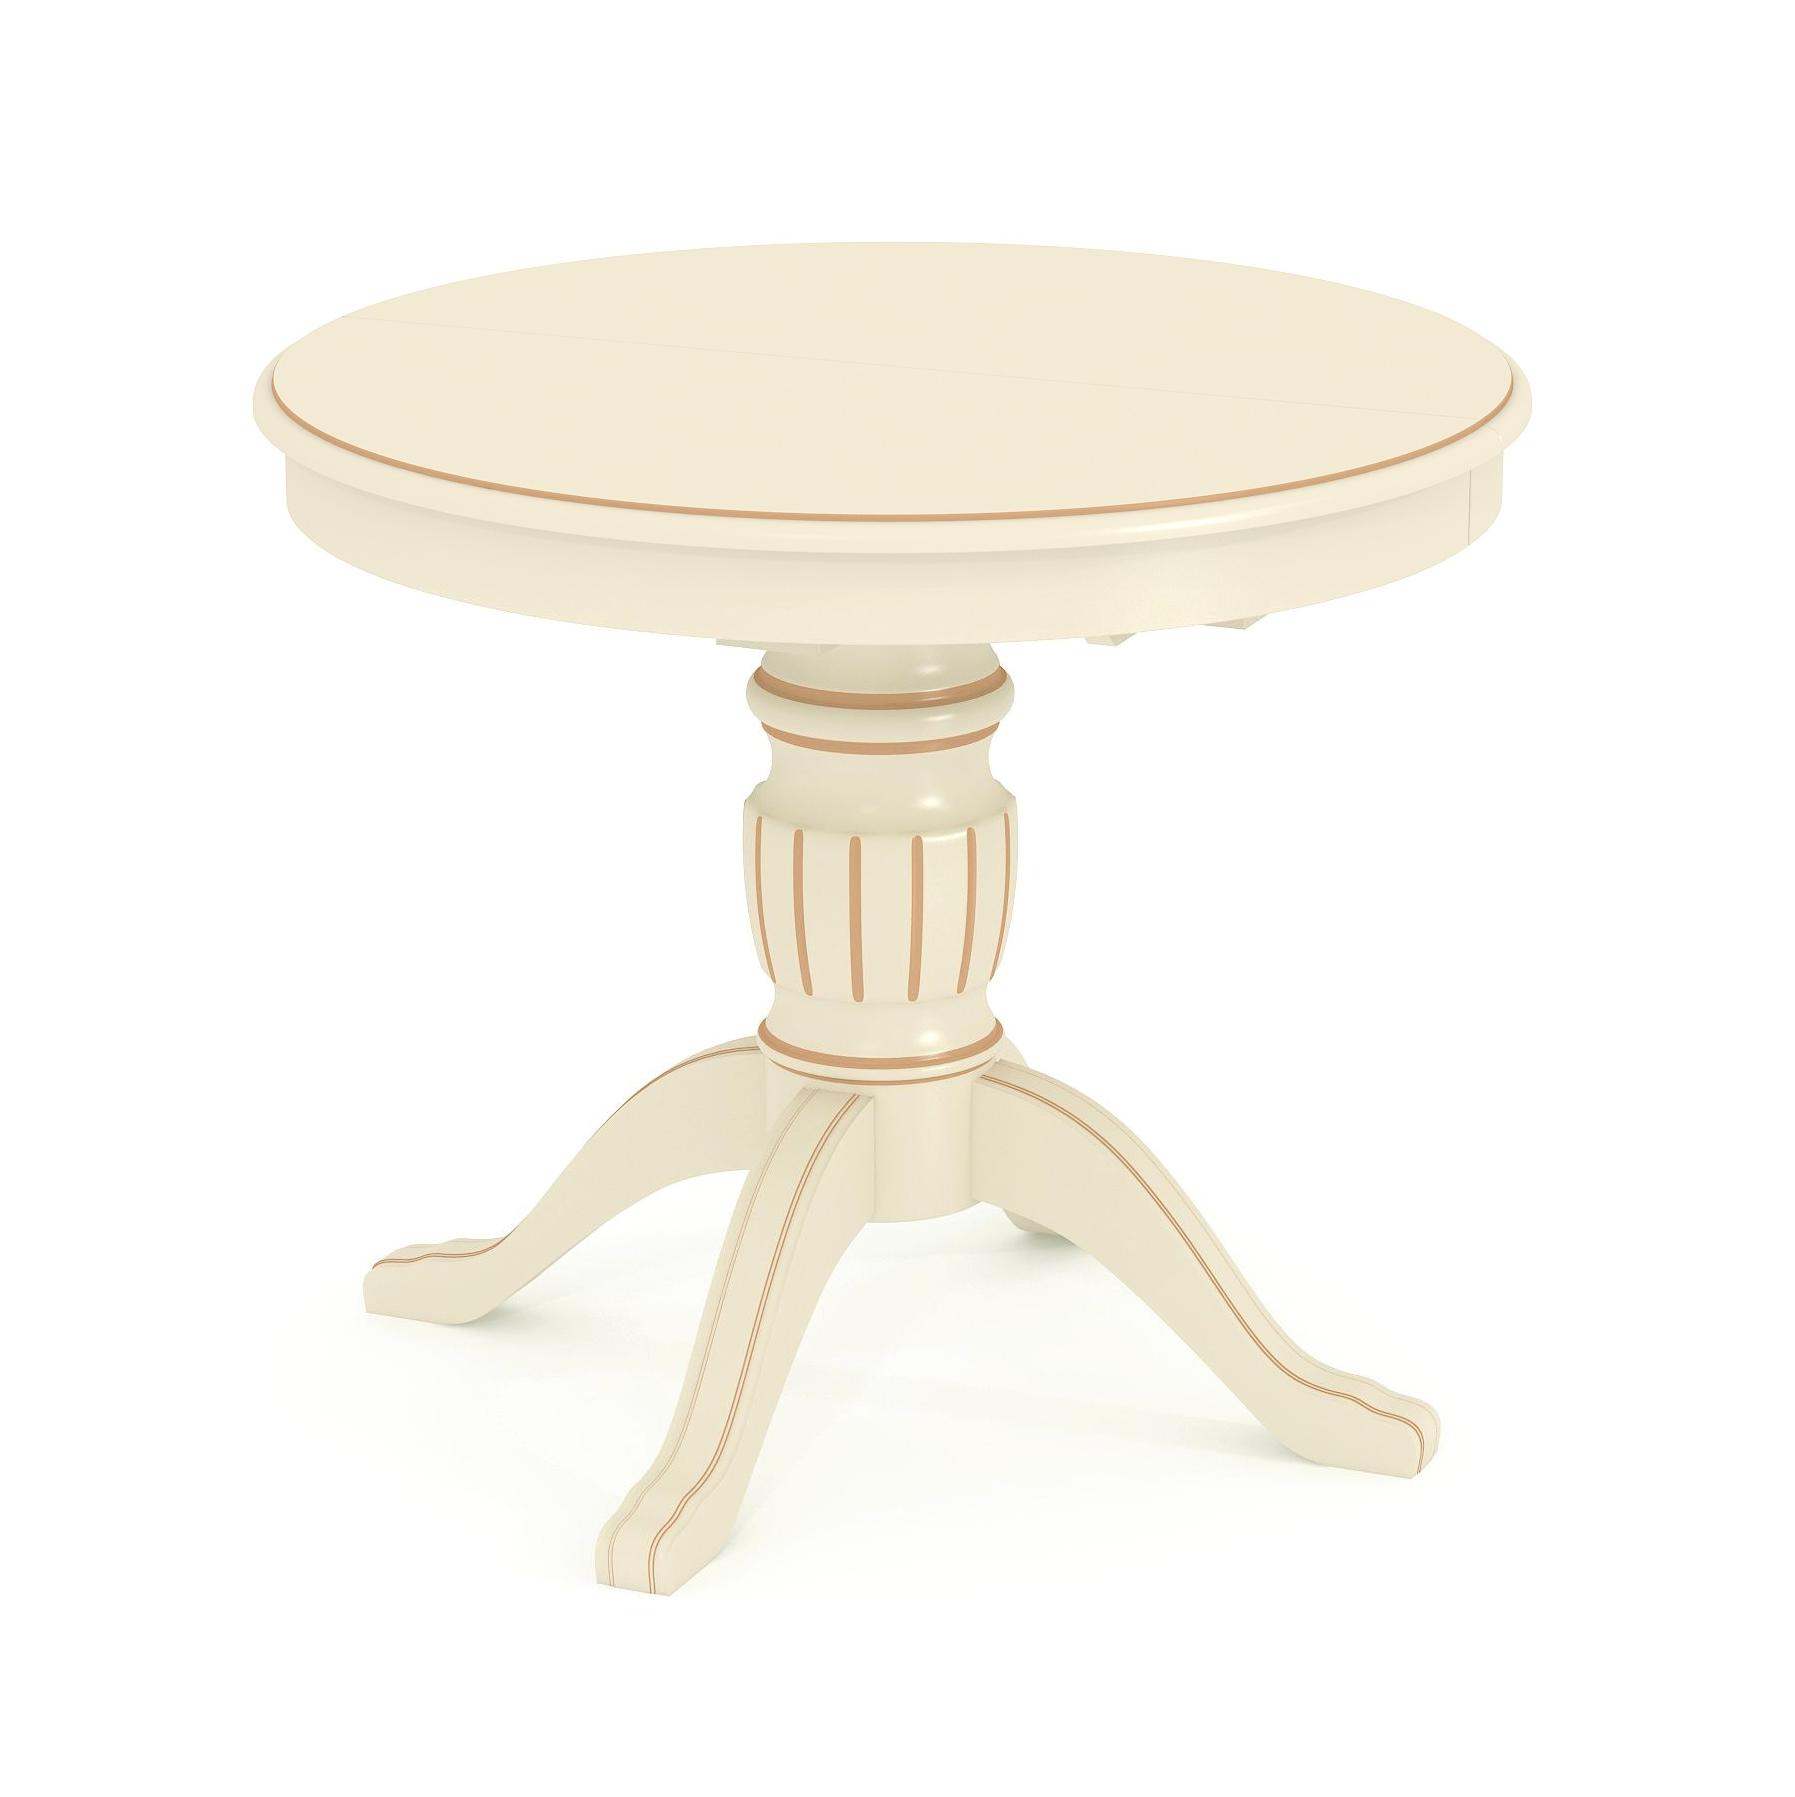 Купить стол обеденный круглый раскладной из массива Д 12 бежевая патина